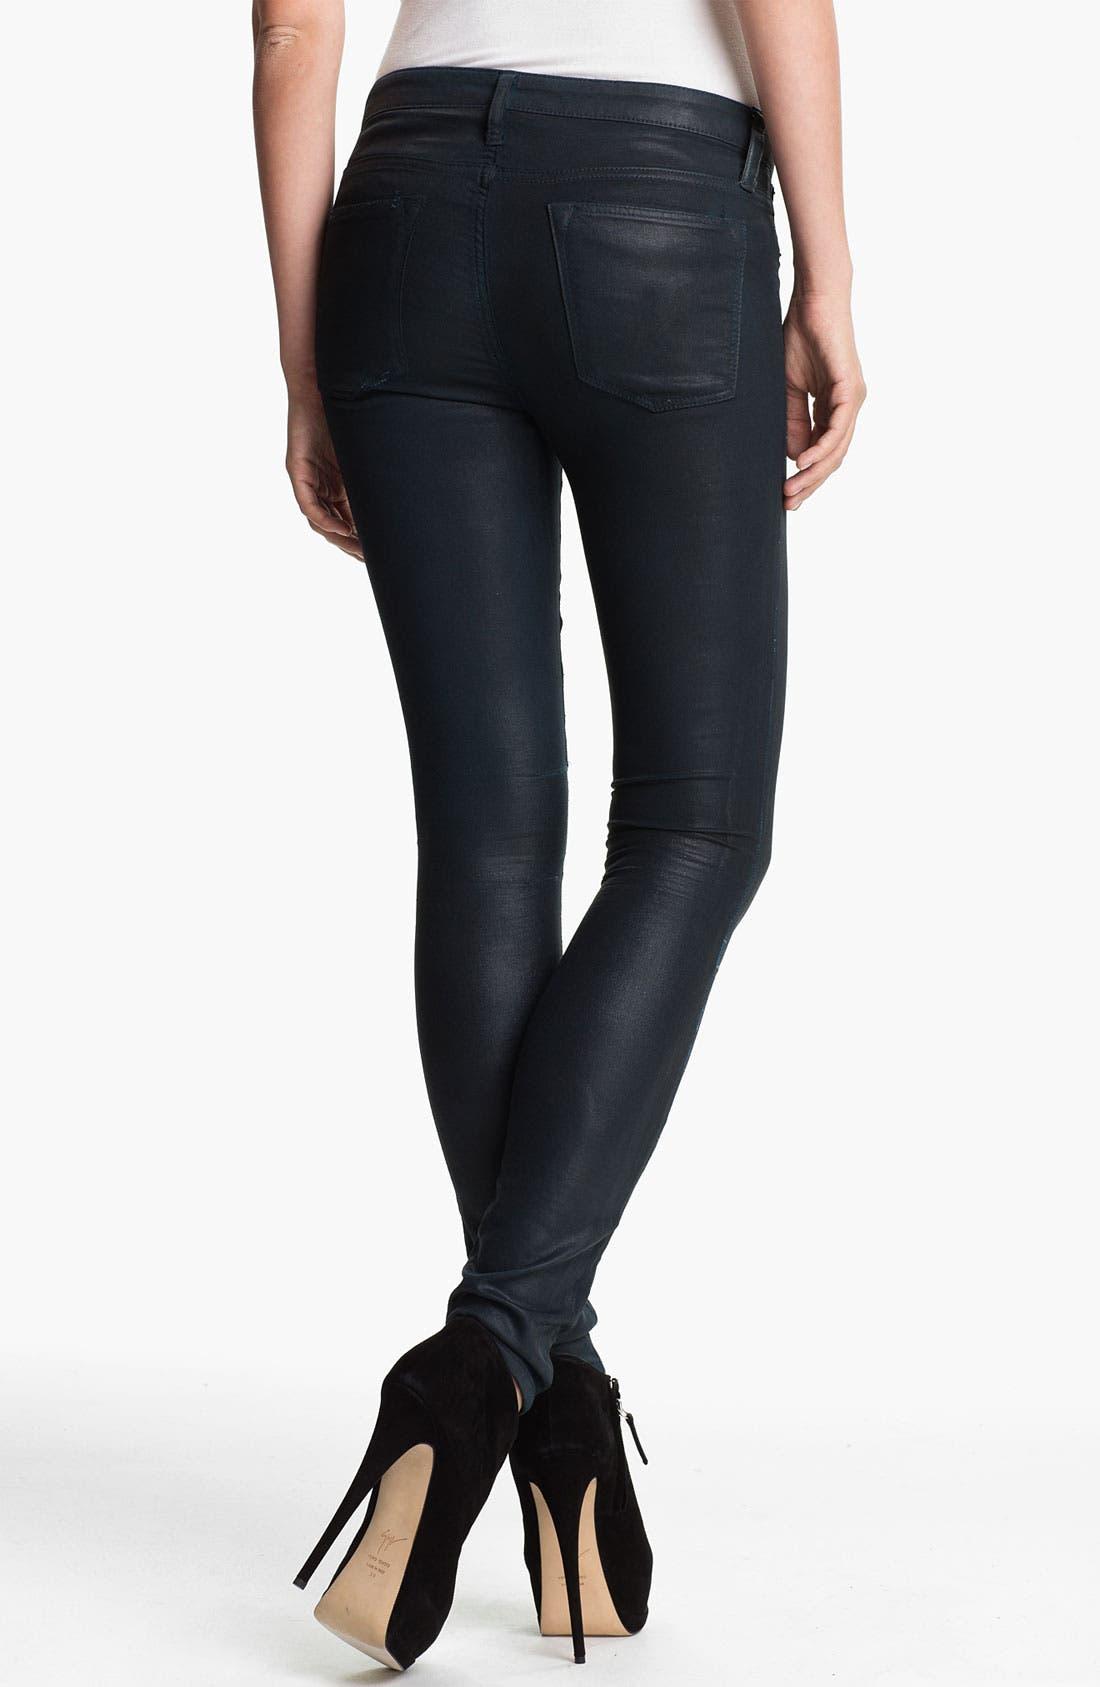 Main Image - HELMUT Helmut Lang 'Gloss' Skinny Jeans